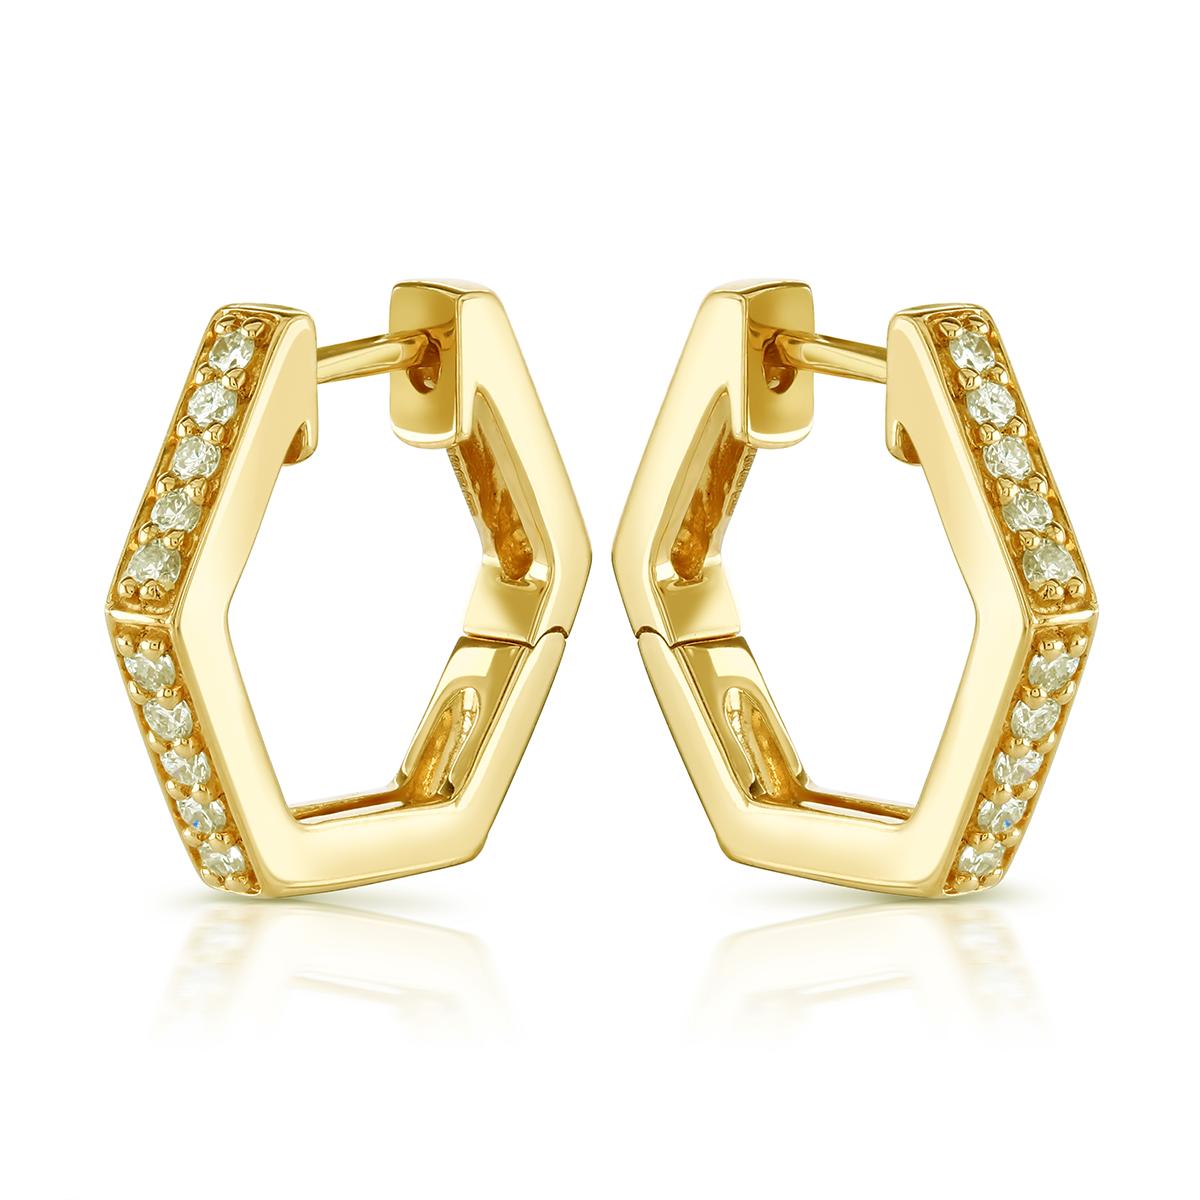 Honeycomb Yellow Gold Diamond Earrings